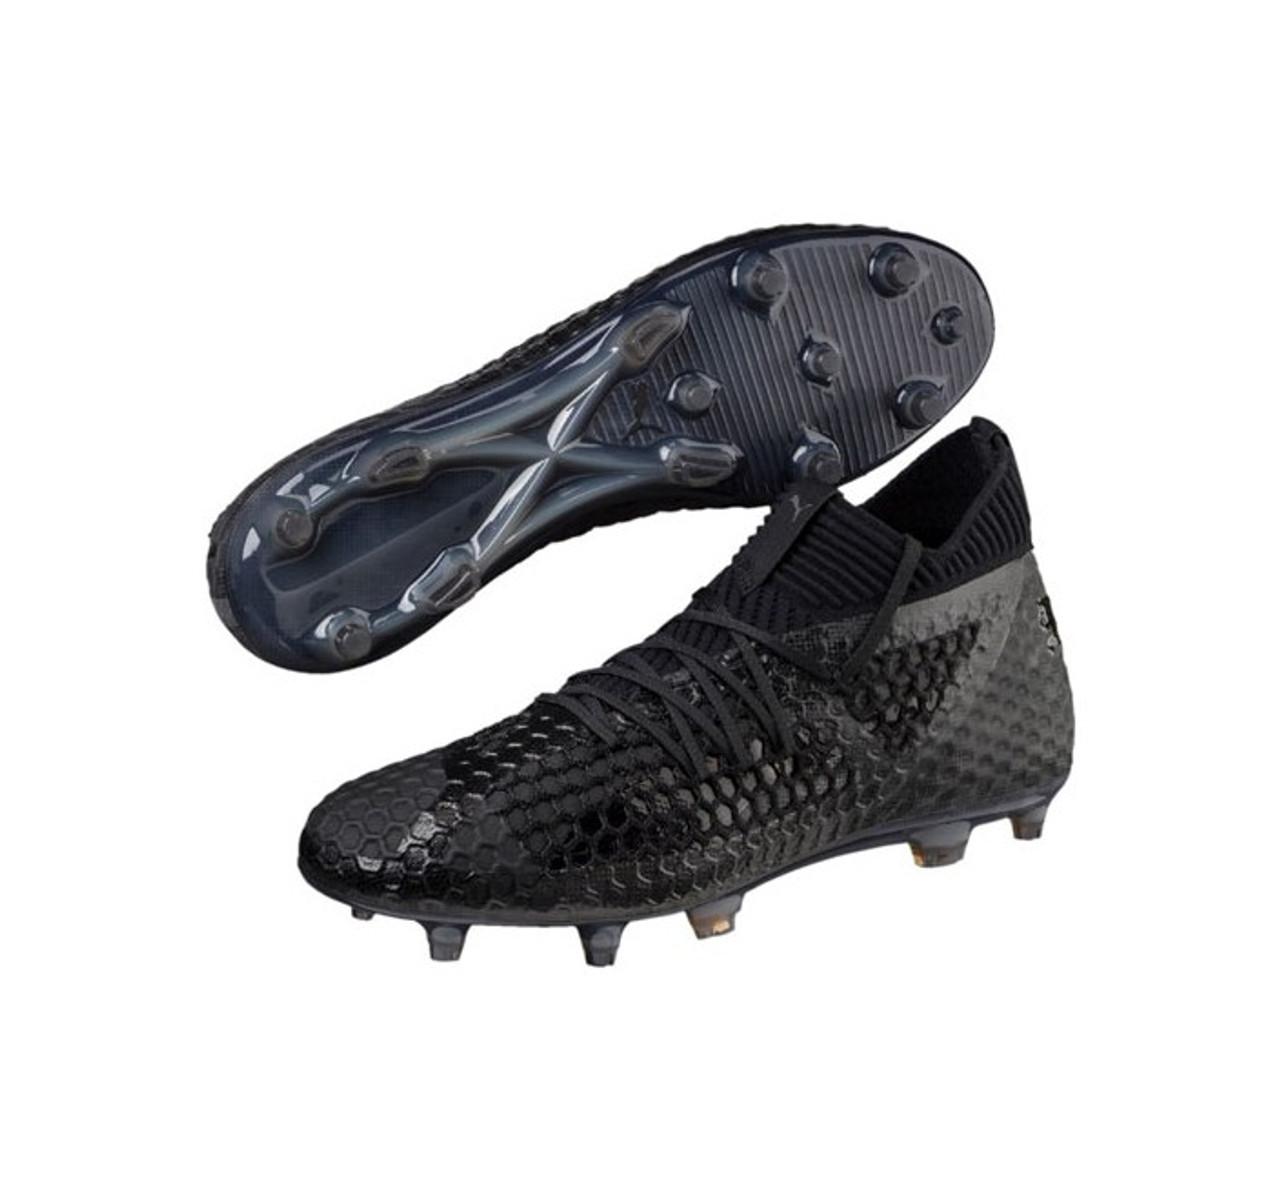 dbe390f3851 PUMA FUTURE 18.1 Netfit FG AG - Puma Black - Soccer Plus